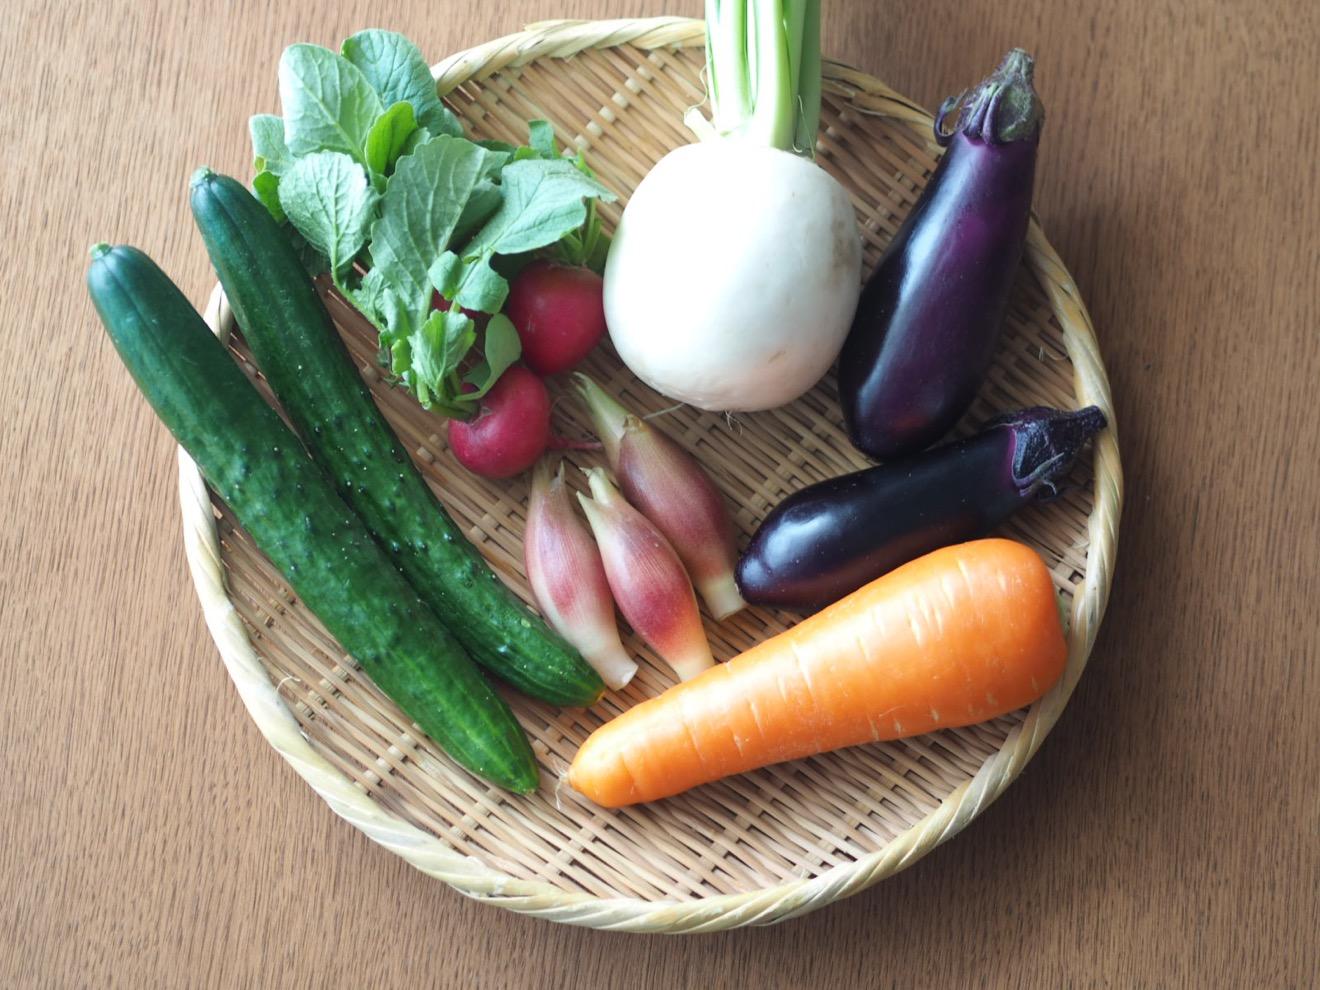 ザルに並べらた野菜